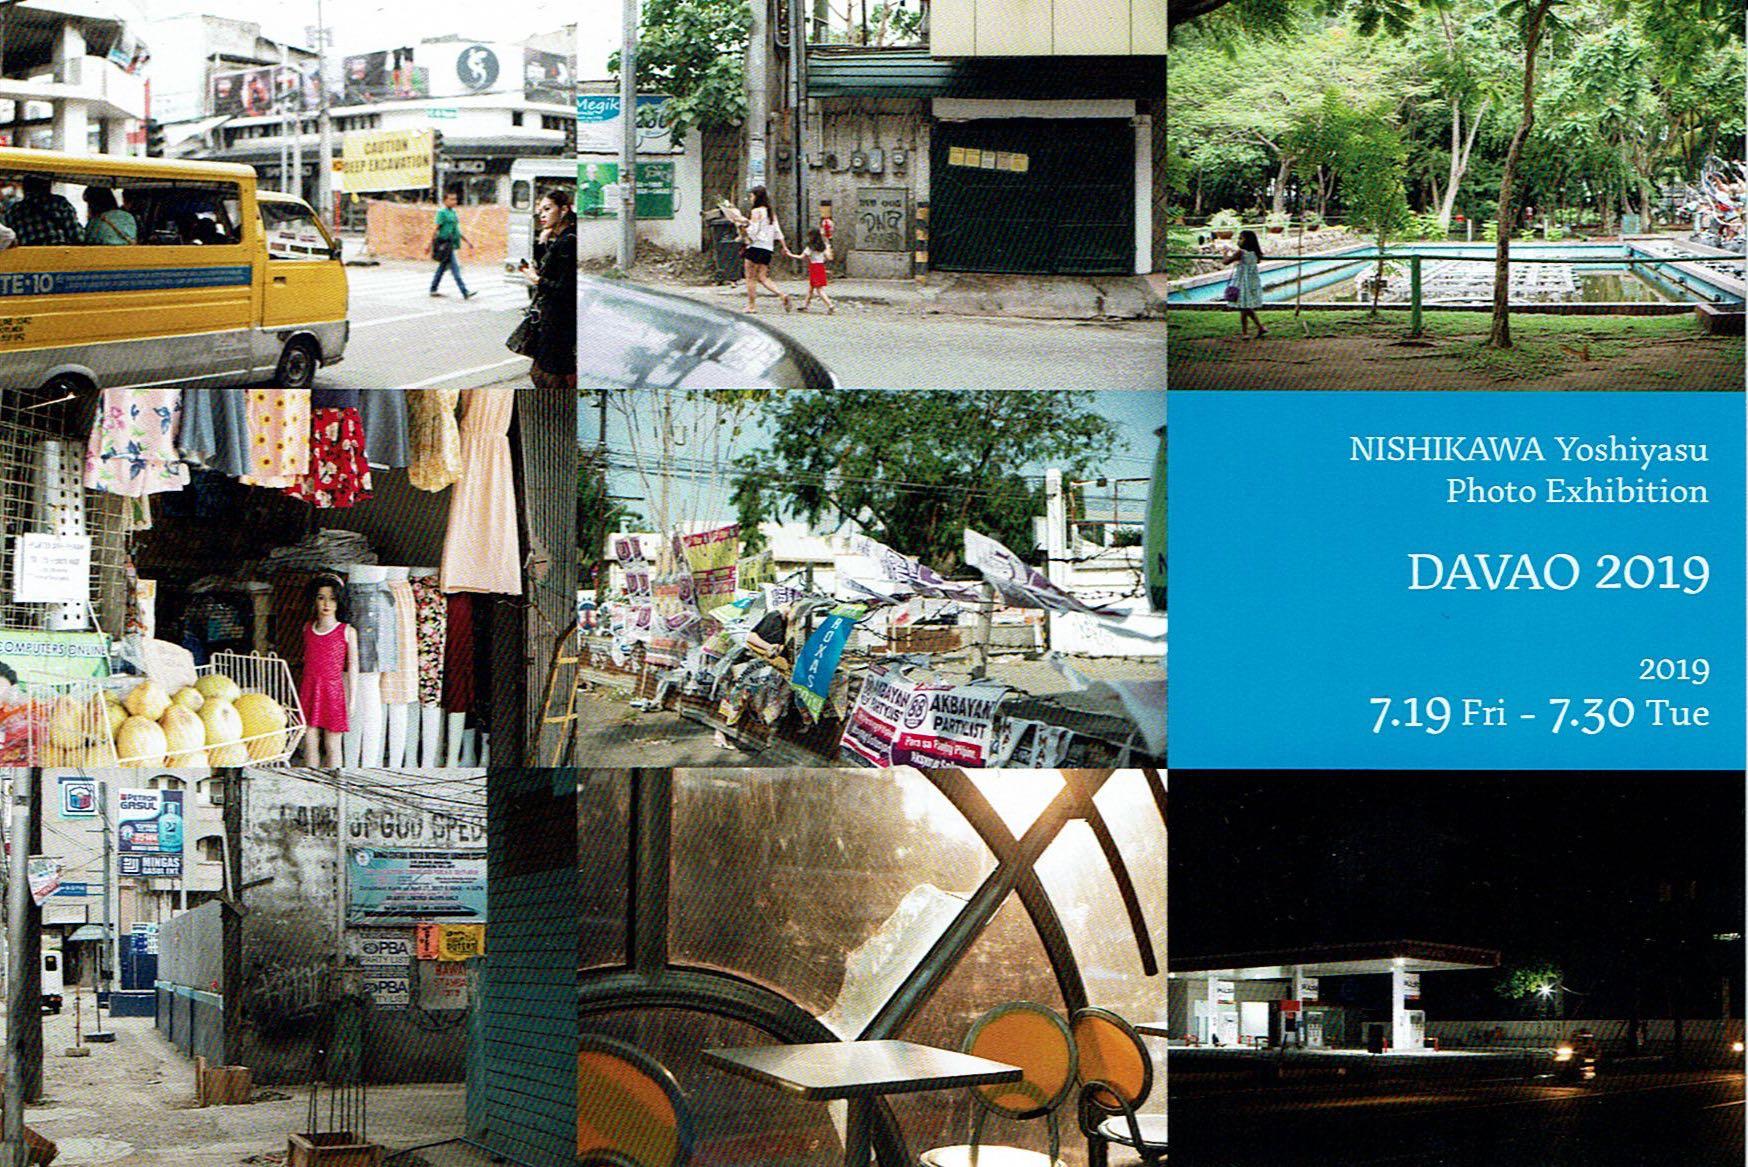 フィリピン・ダバオを撮った「西川善康写真展「DAVAO 2019」」7月19日より開催!